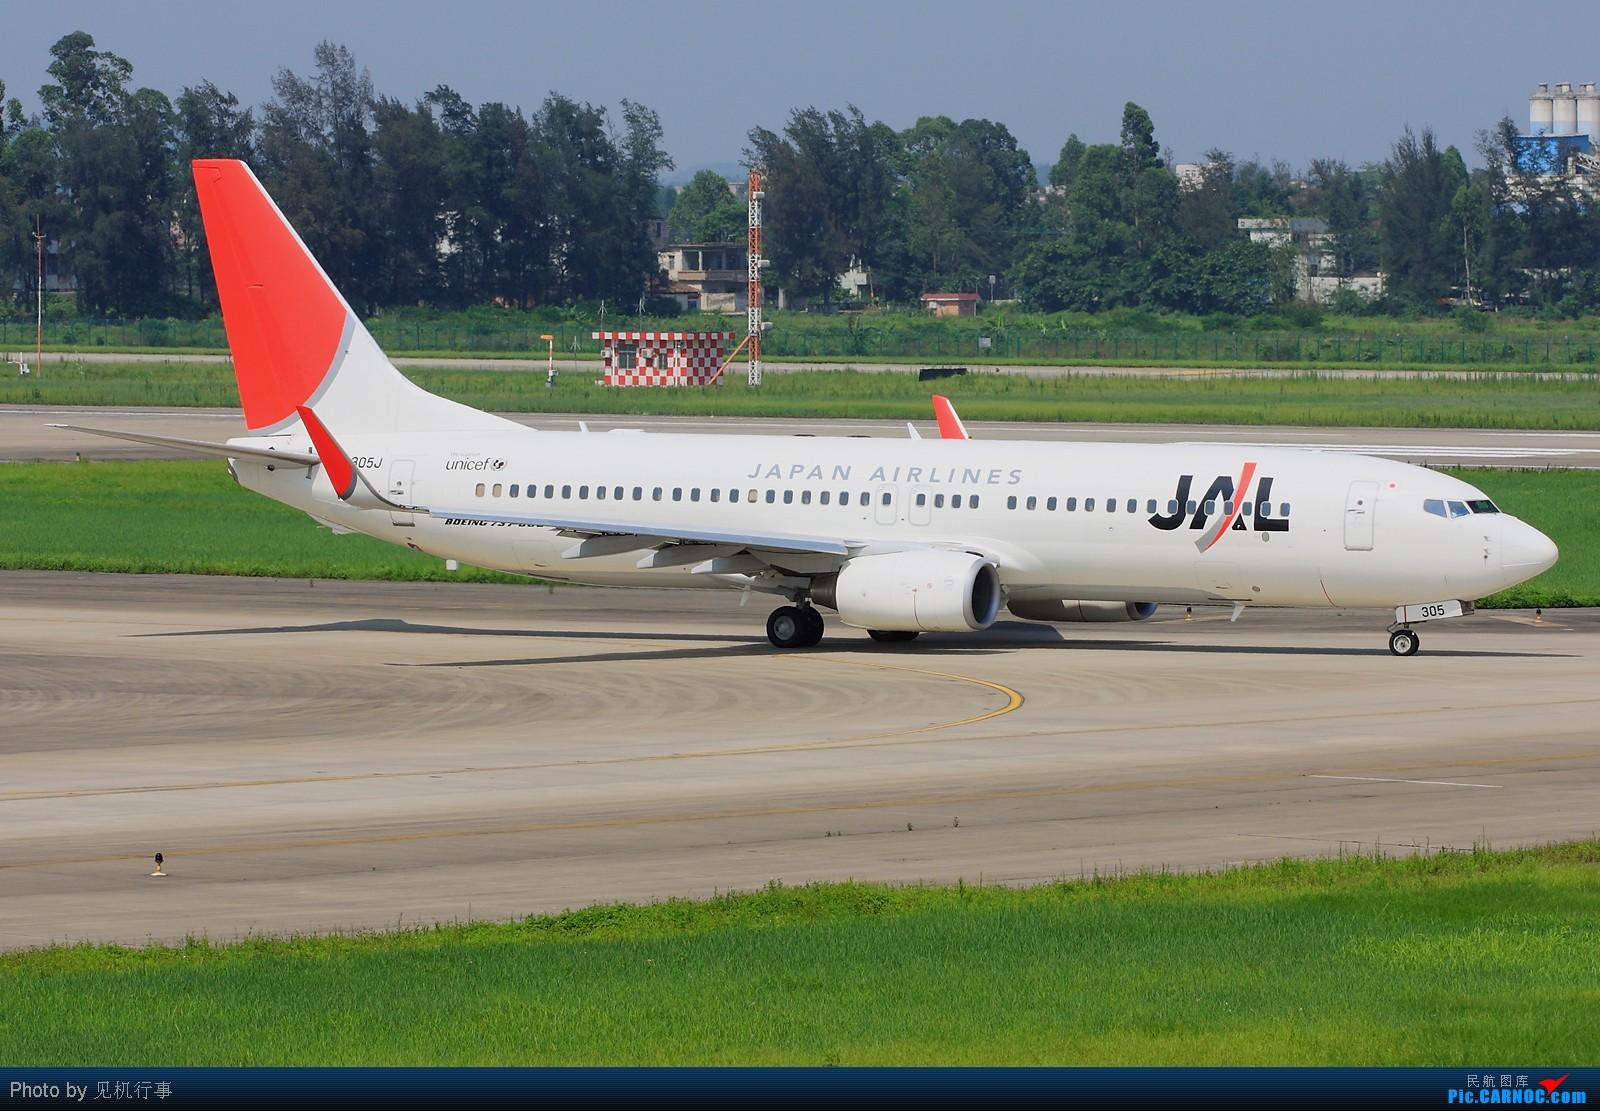 Re:[原创]【深圳飞友会】差点给这架飞机忽悠了!还以为是香港航空A330。看它前面是香港航空,看它后面是海南航空。不知道海航在搞什么名堂。 BOEING 737-800 JA305J 中国广州白云机场